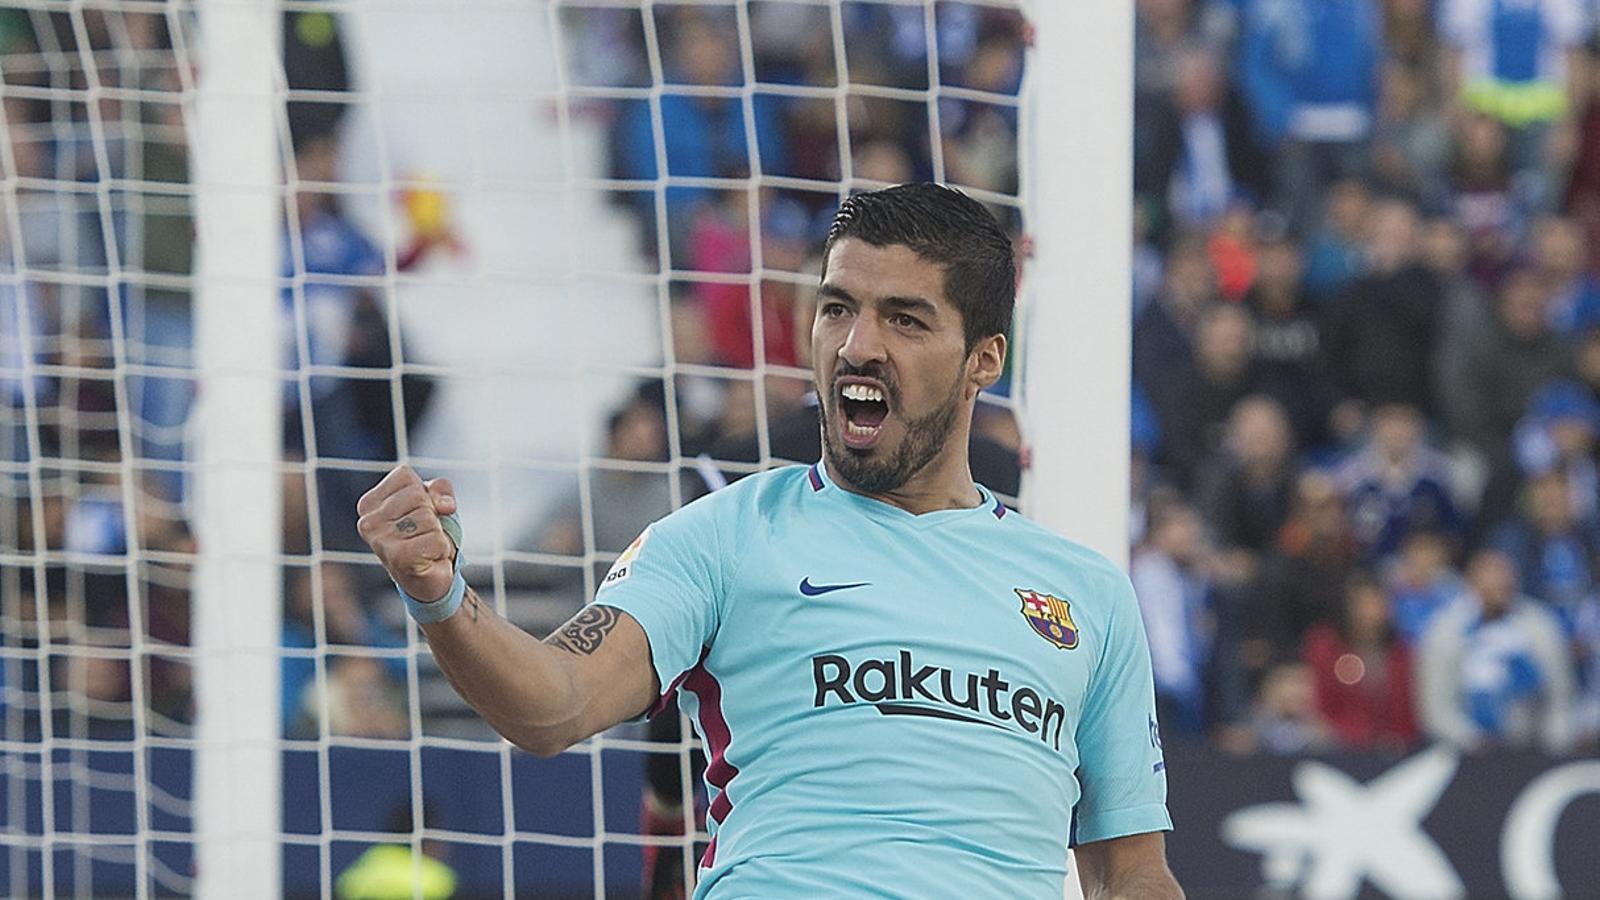 Suárez celebrant el gol amb què trencava una sequera de més de 400 minuts sense marcar en partit de Lliga. Per primer cop aquesta temporada, de fet, en va fer dos en un partit.